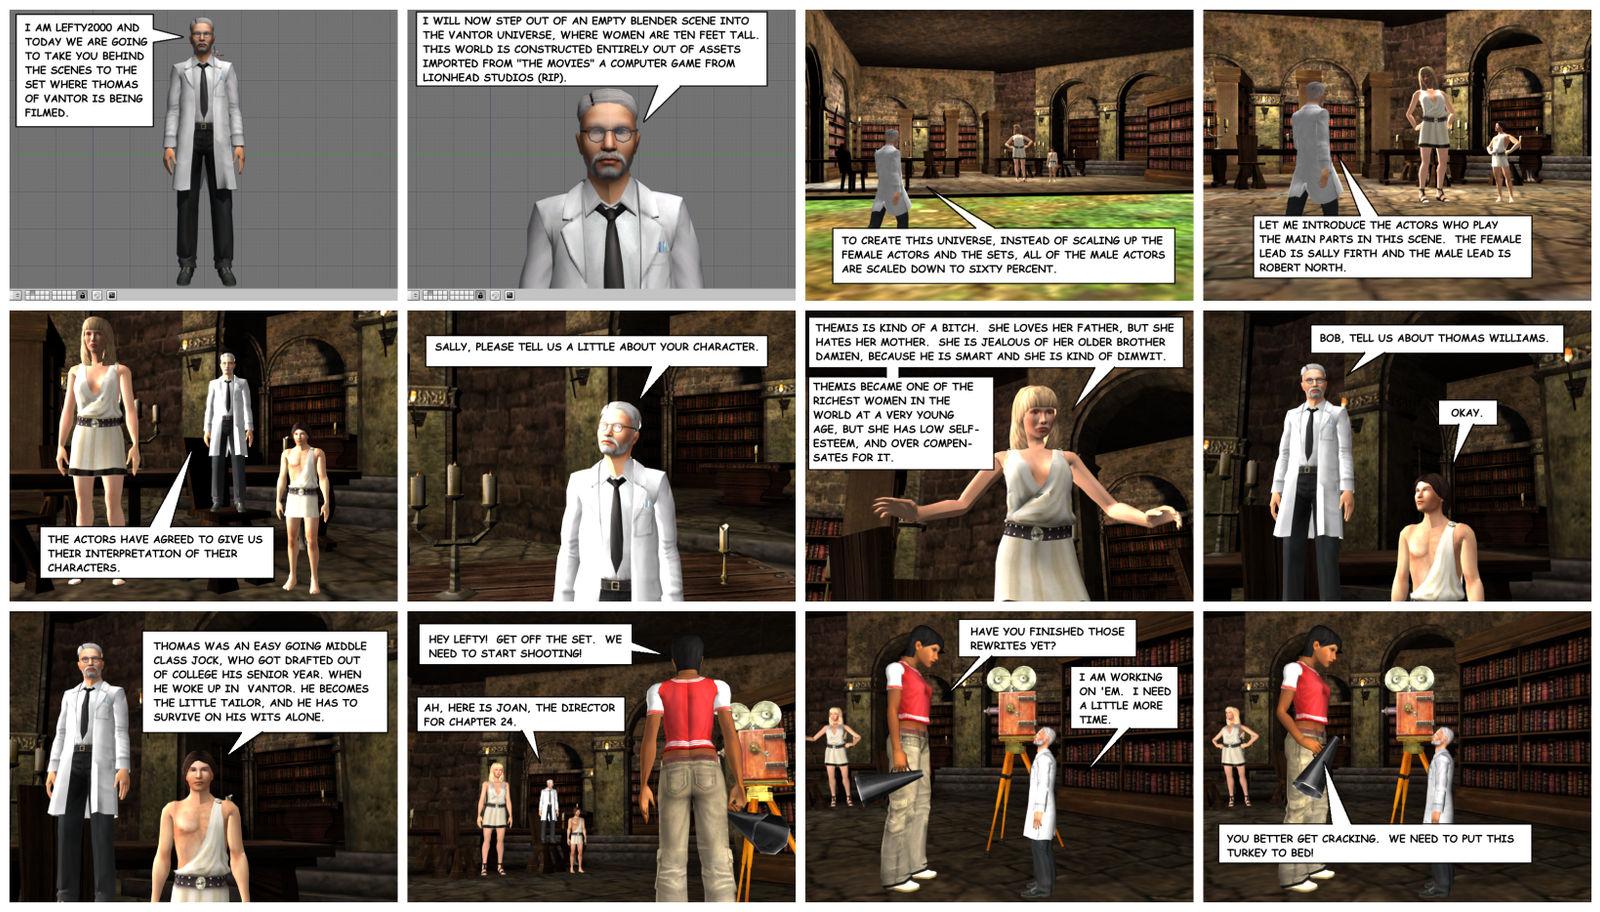 vantor_behind_the_scenes__1_by_lefty_200